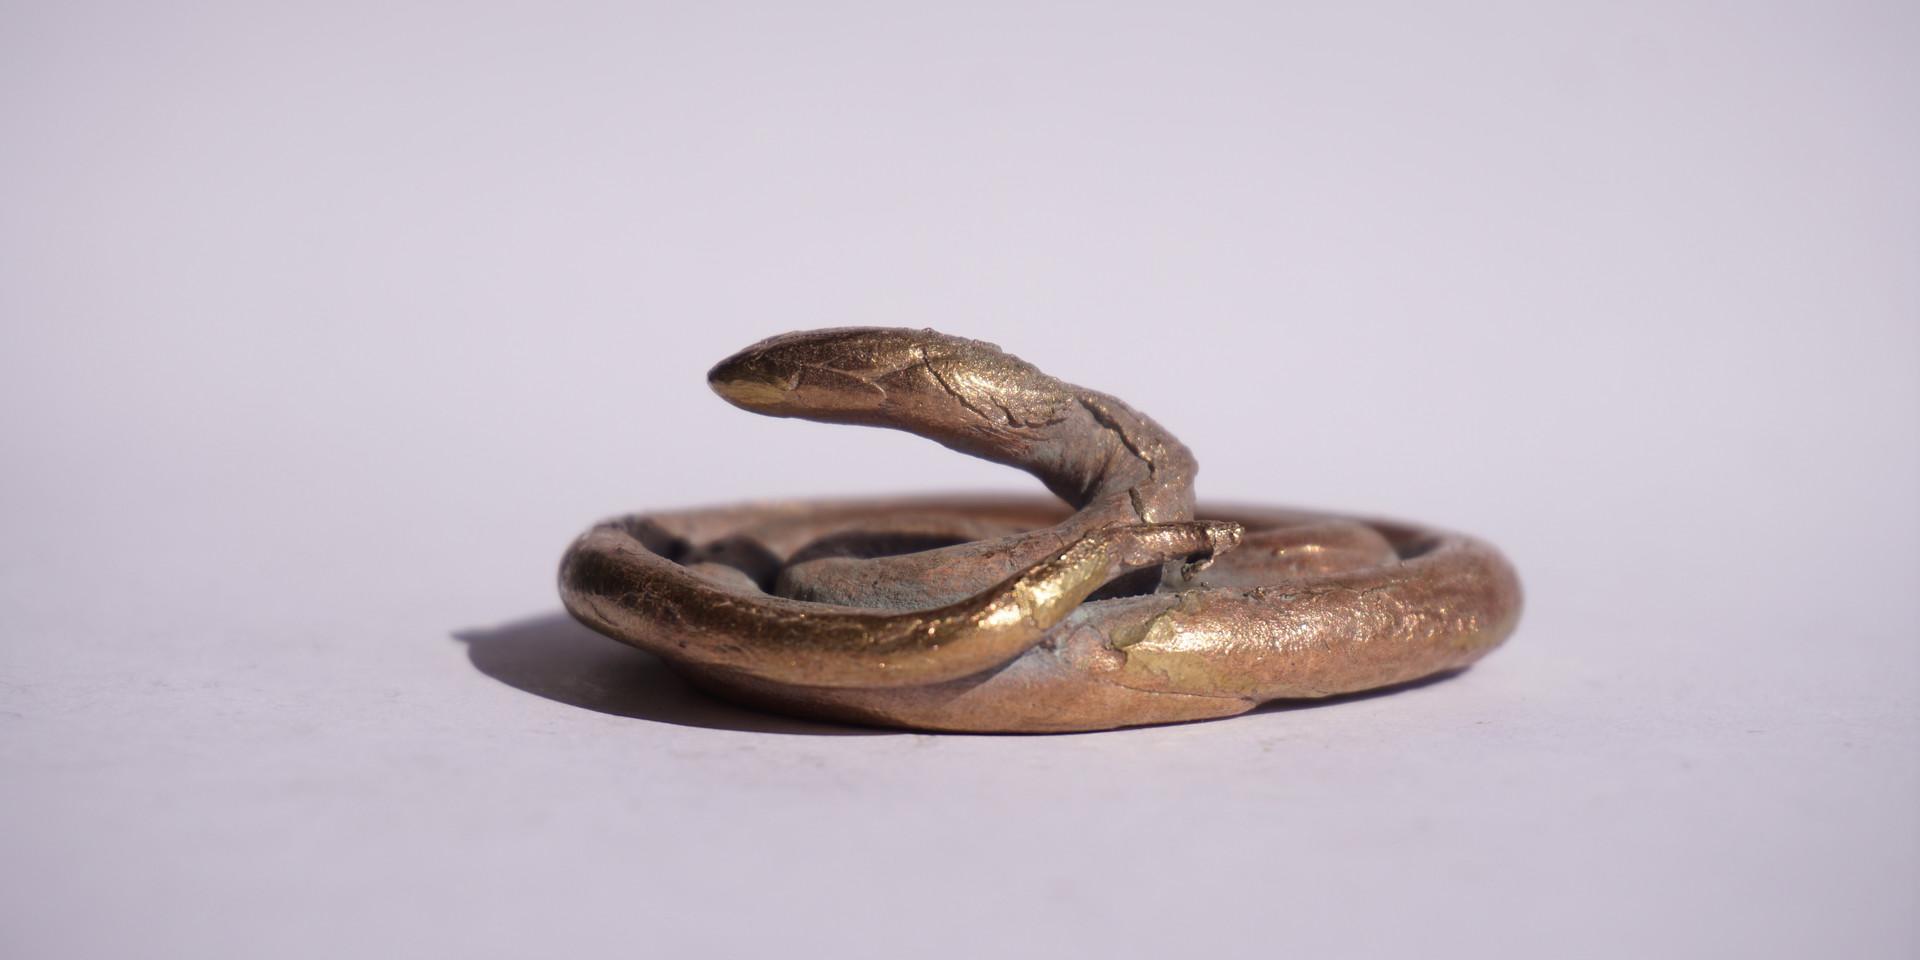 uma cobra.JPG